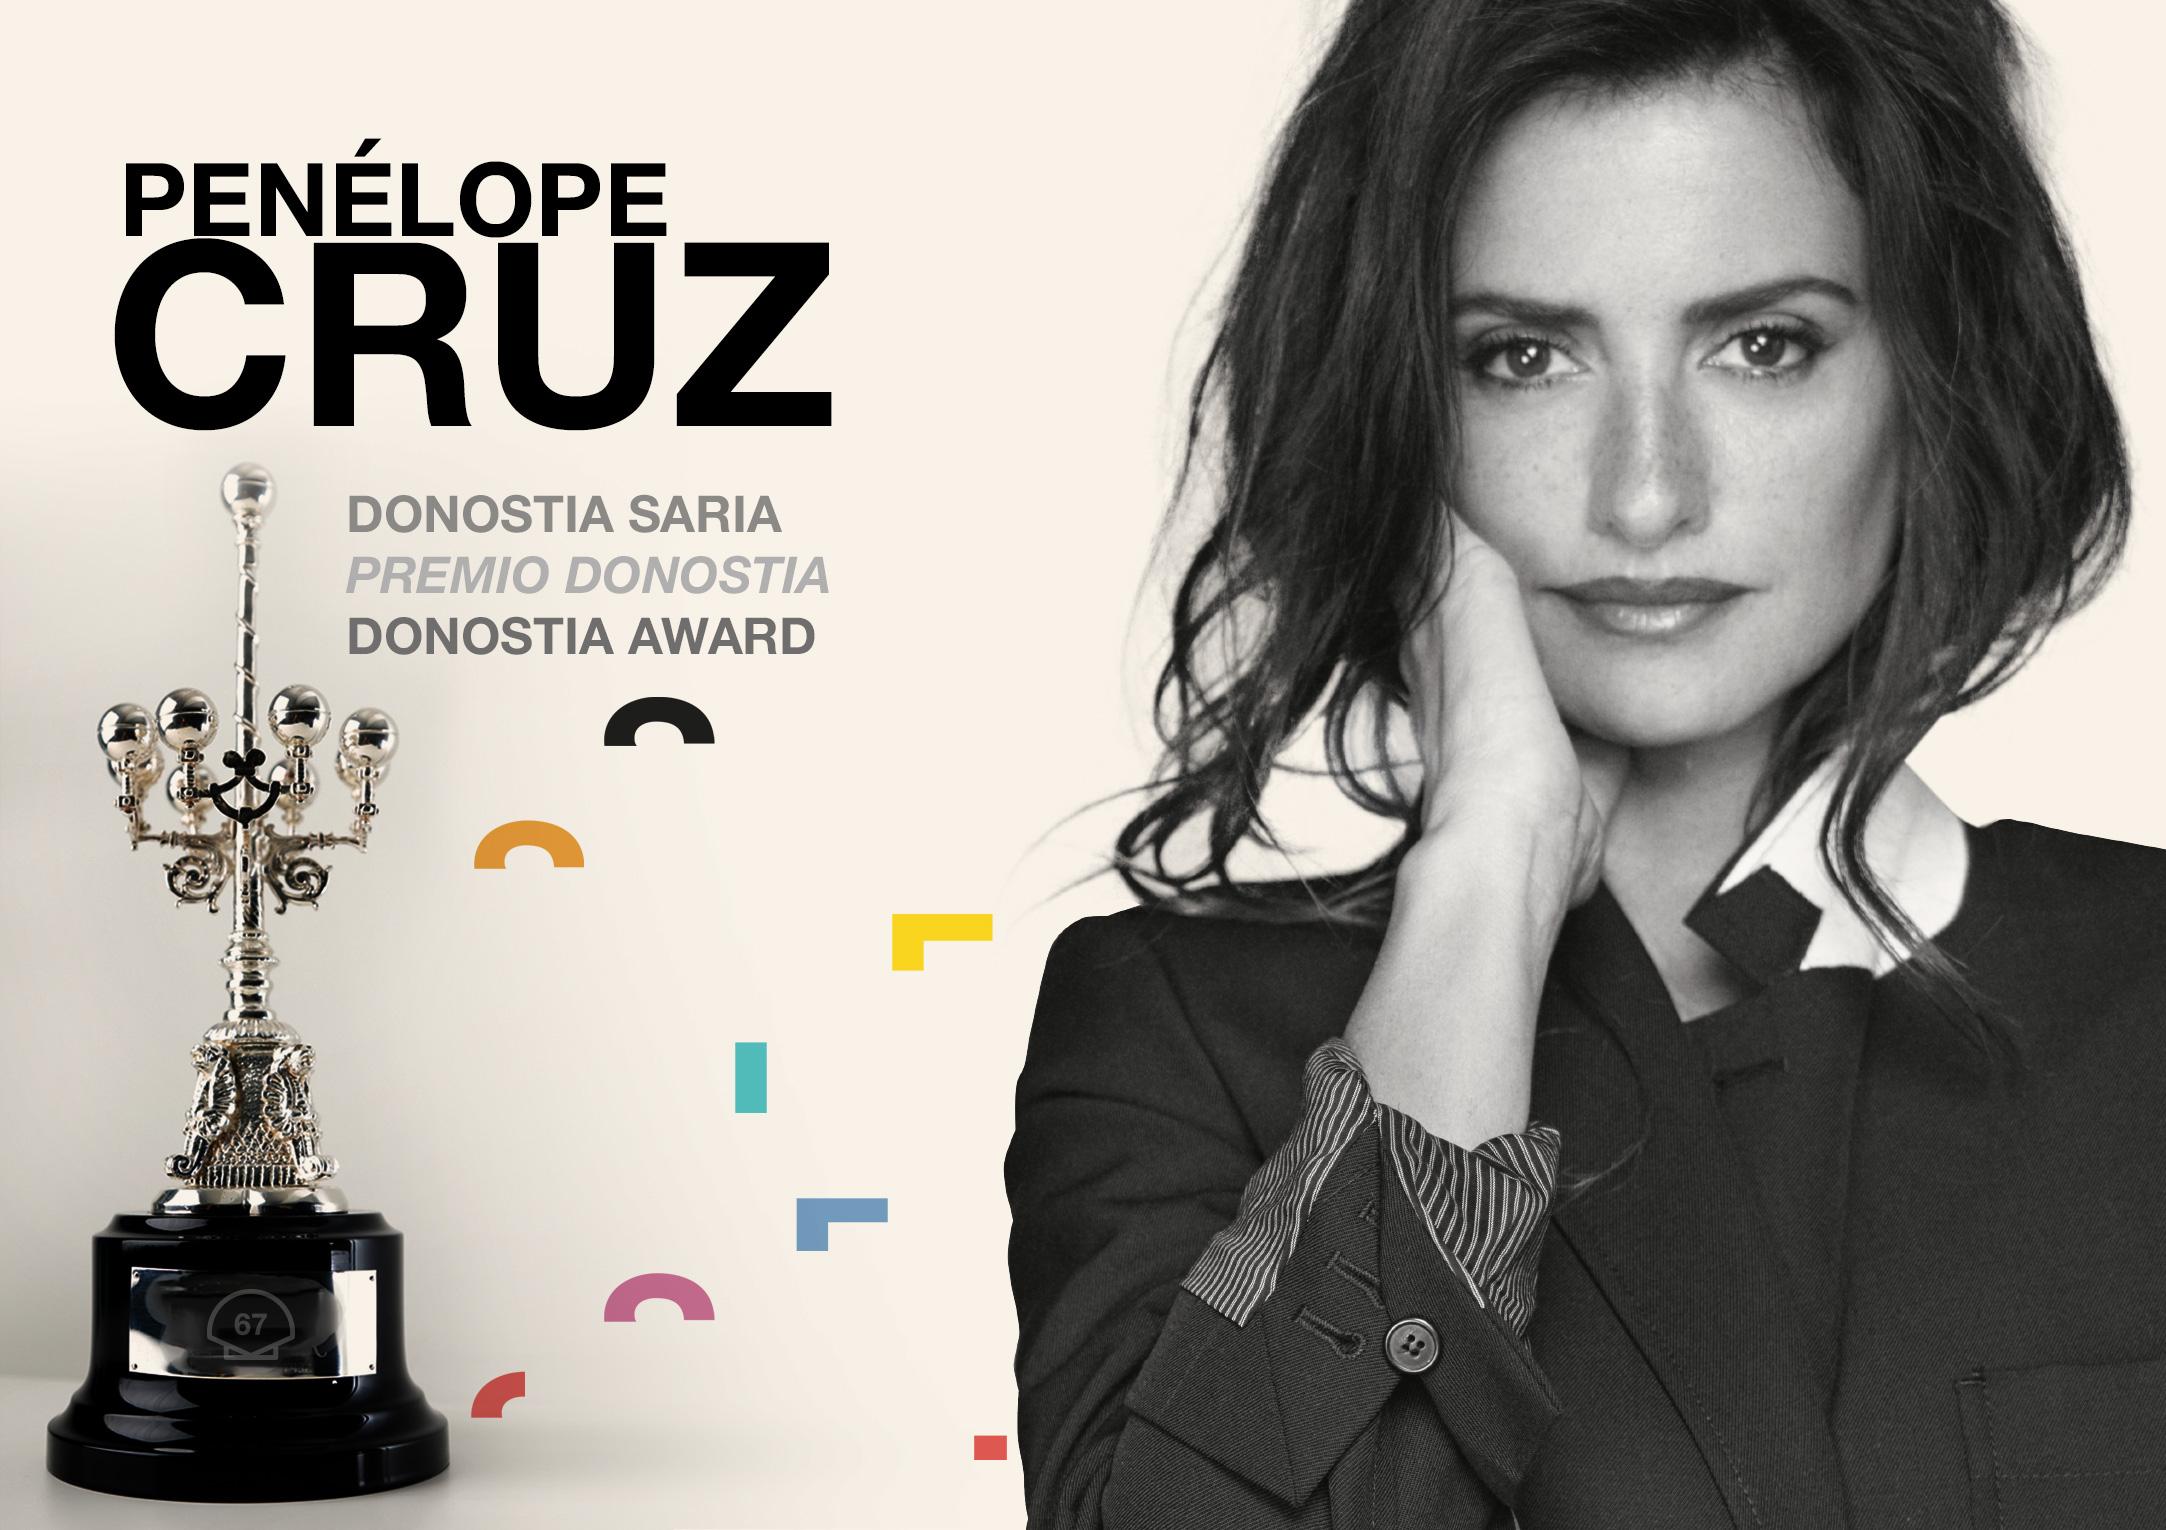 'La Red Avispa' de Olivier Assayas será la proyección especial del Premio Donostia a Penélope Cruz en San Sebastián